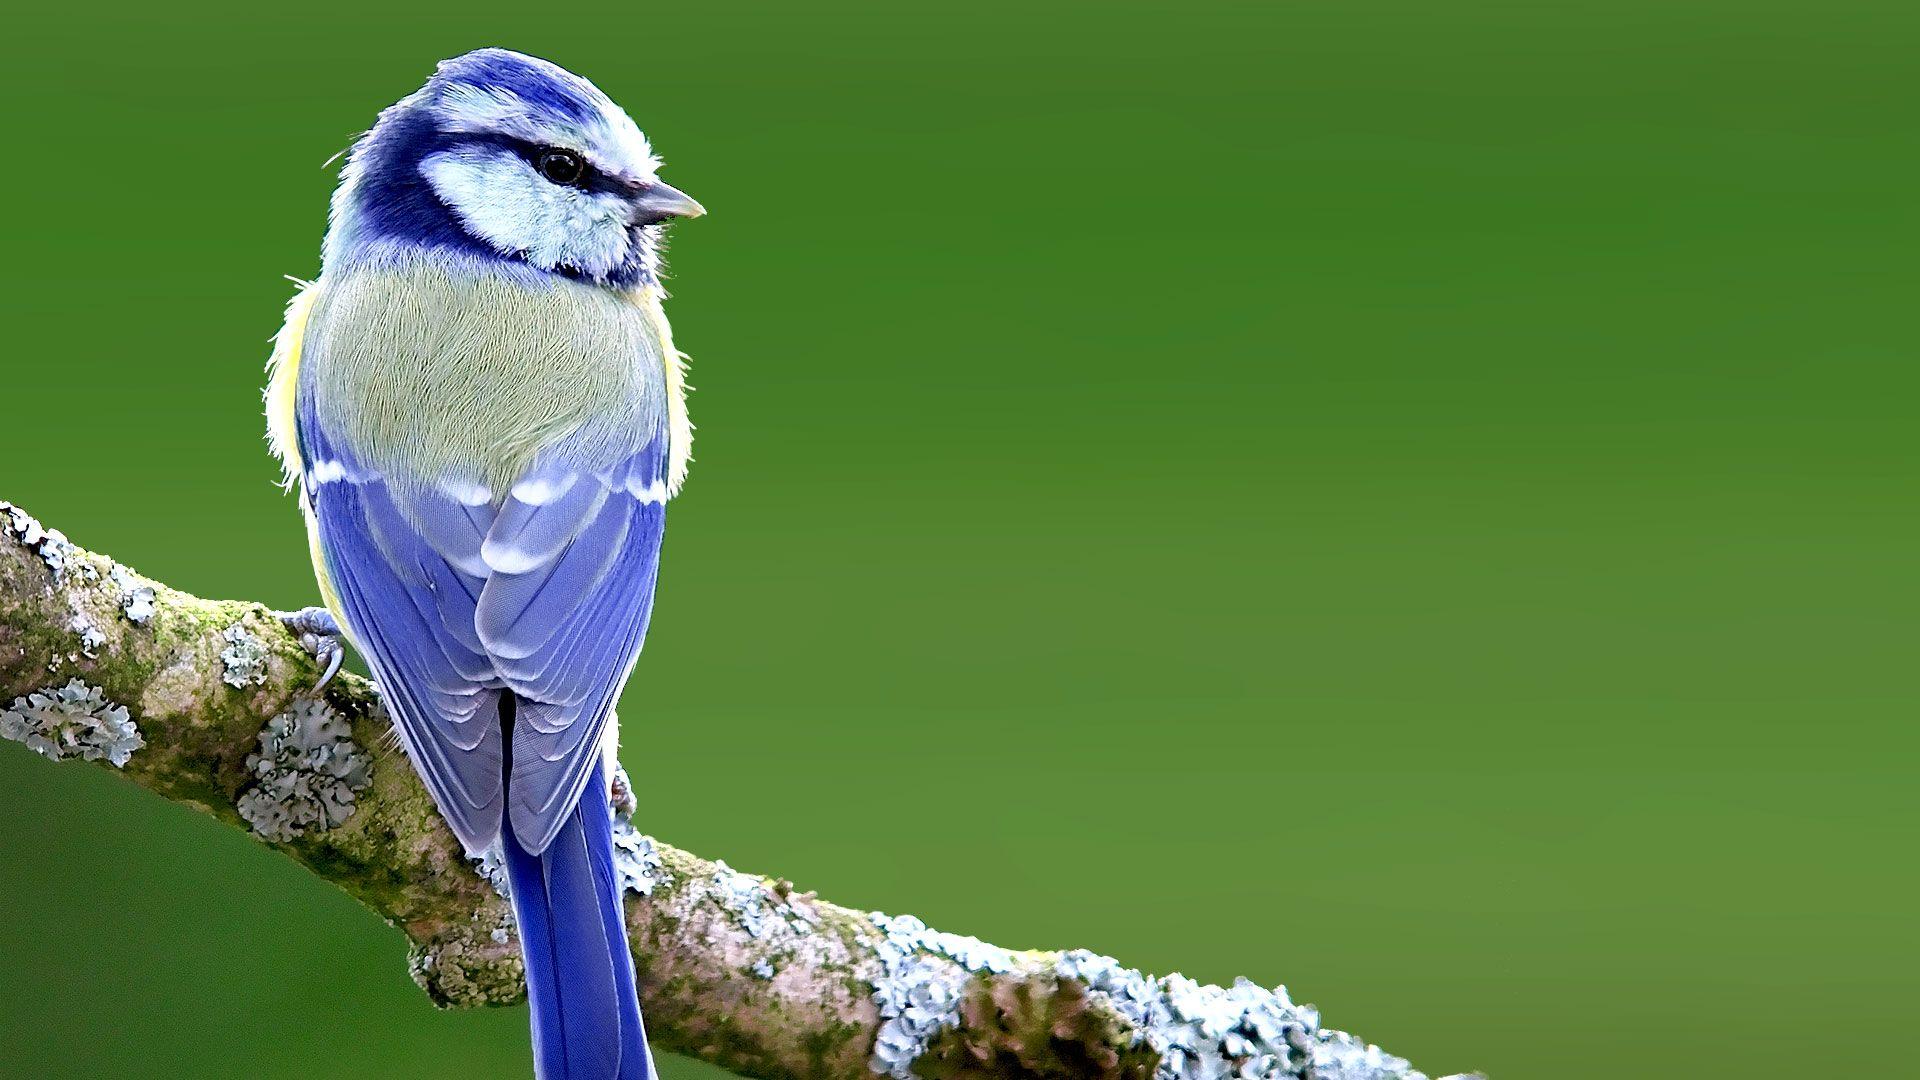 la mésange bleue© Luc Viatour,